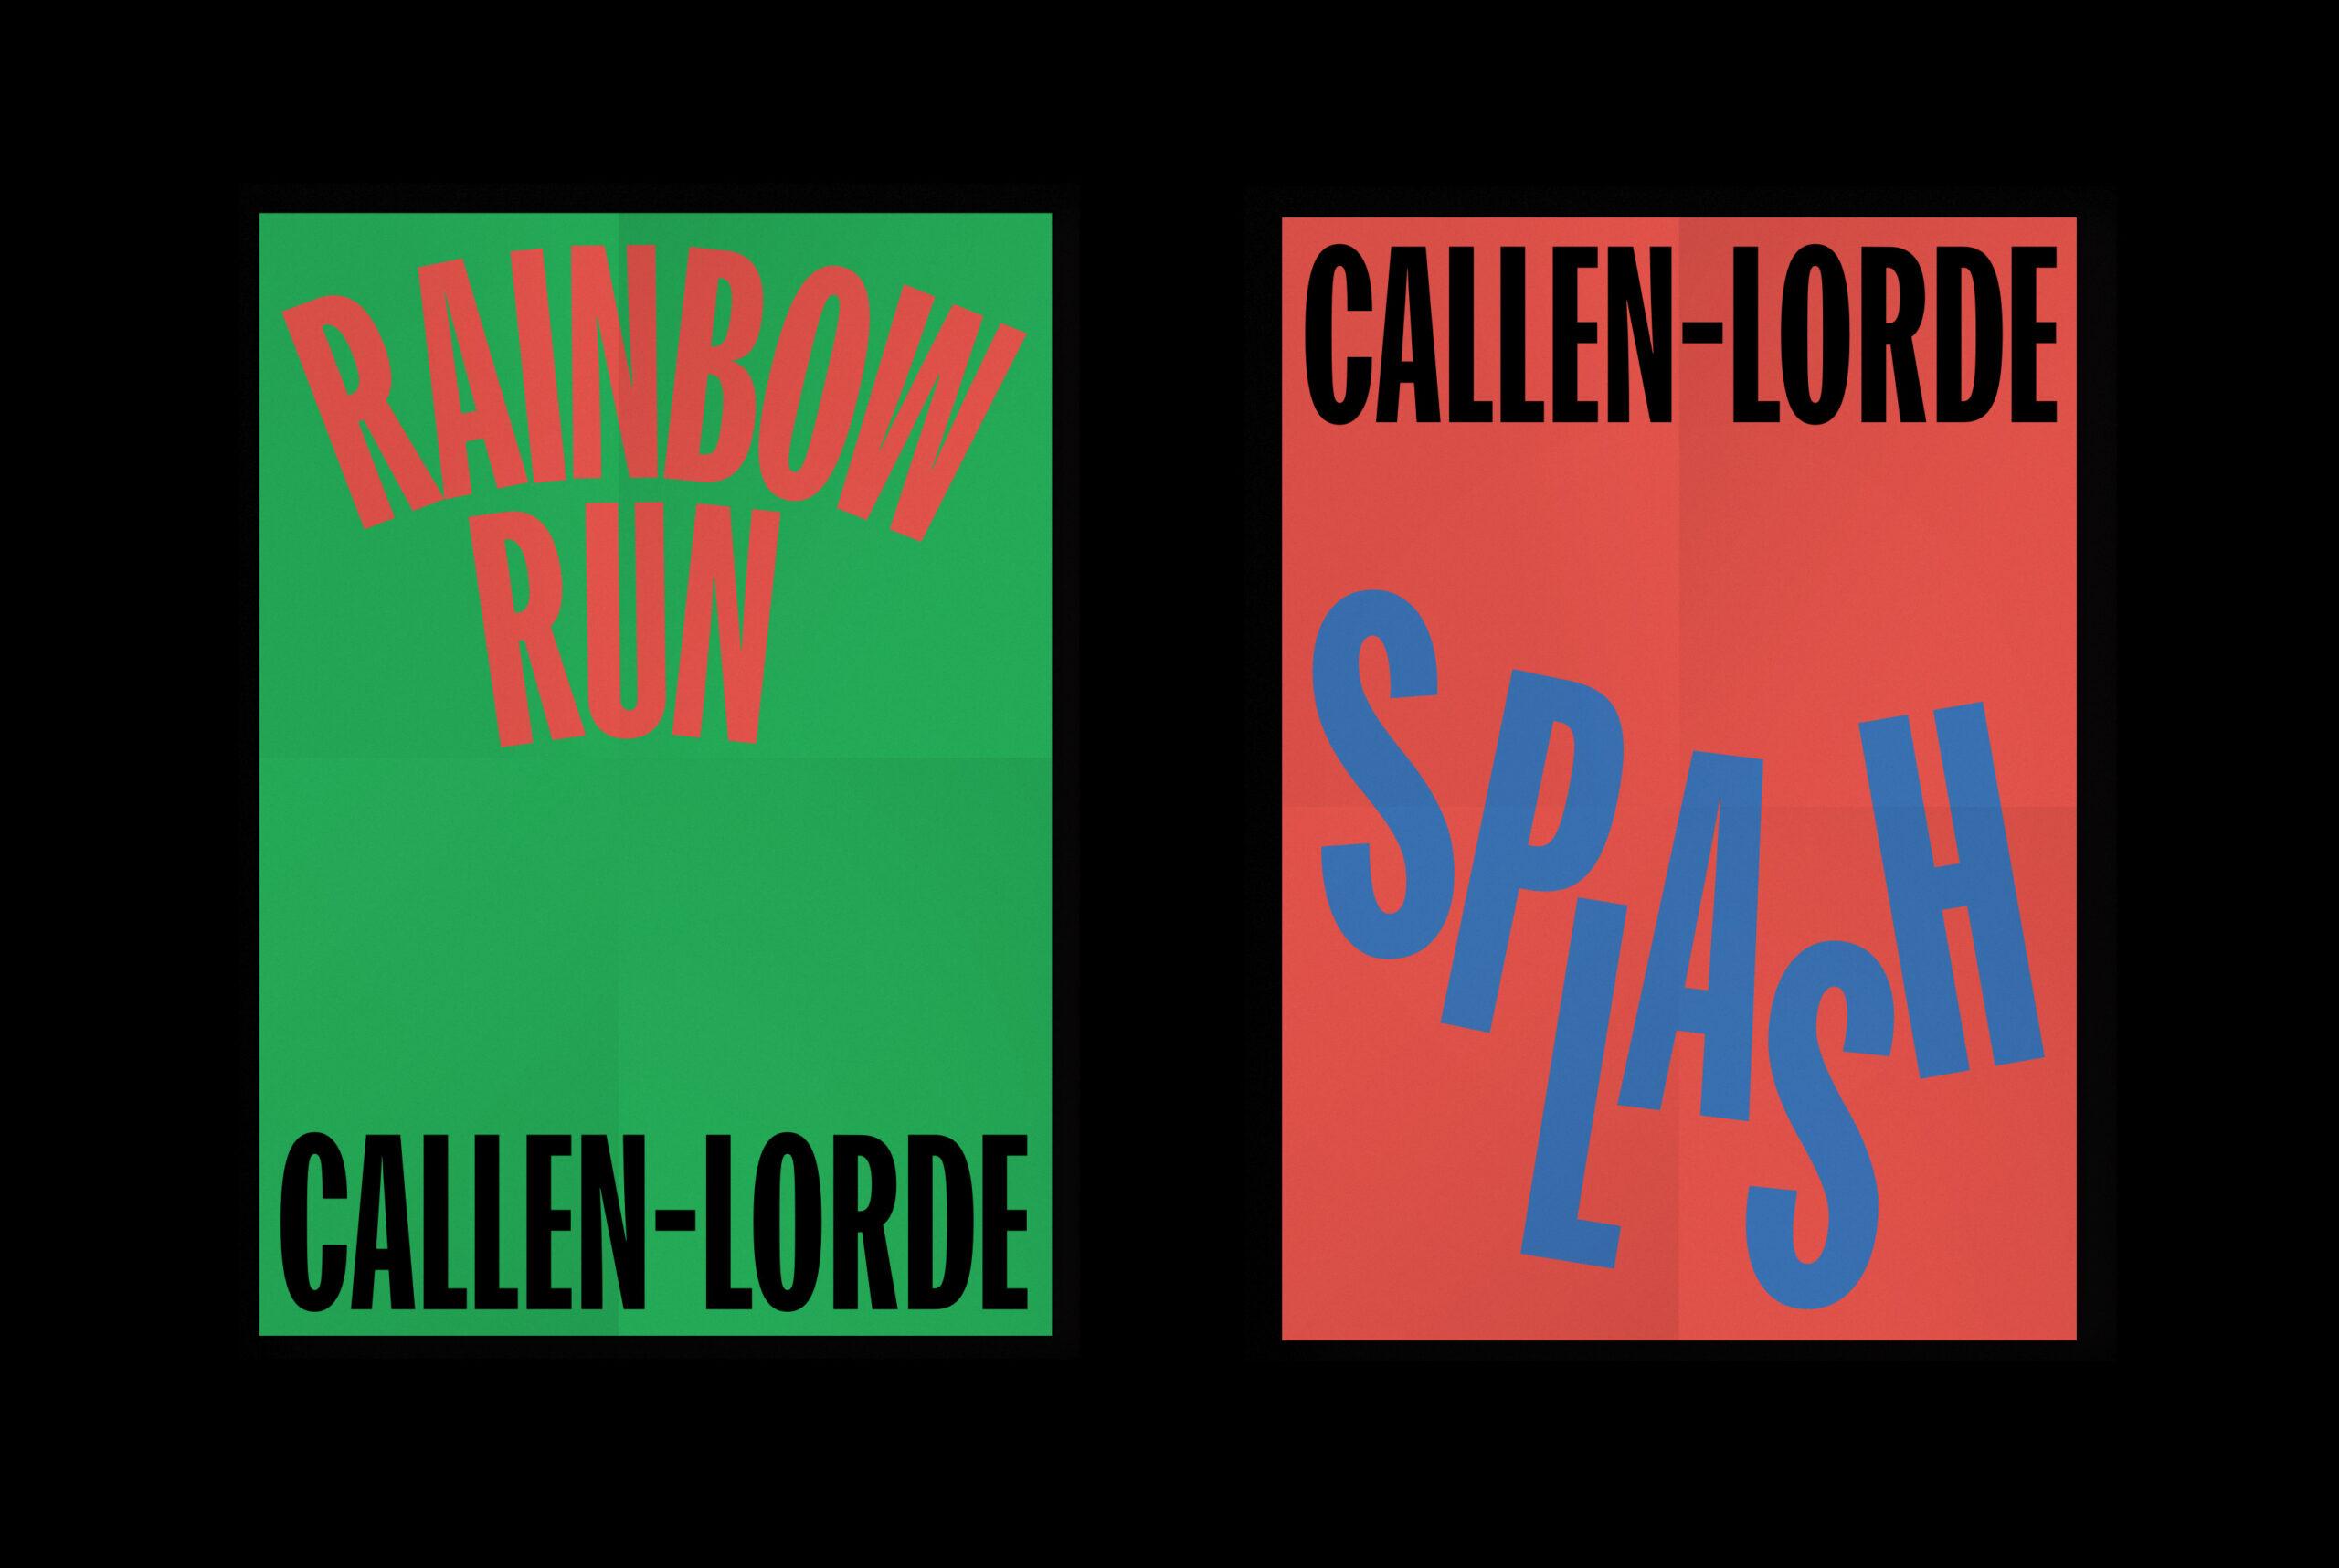 Callen-Lorde-Posters-1